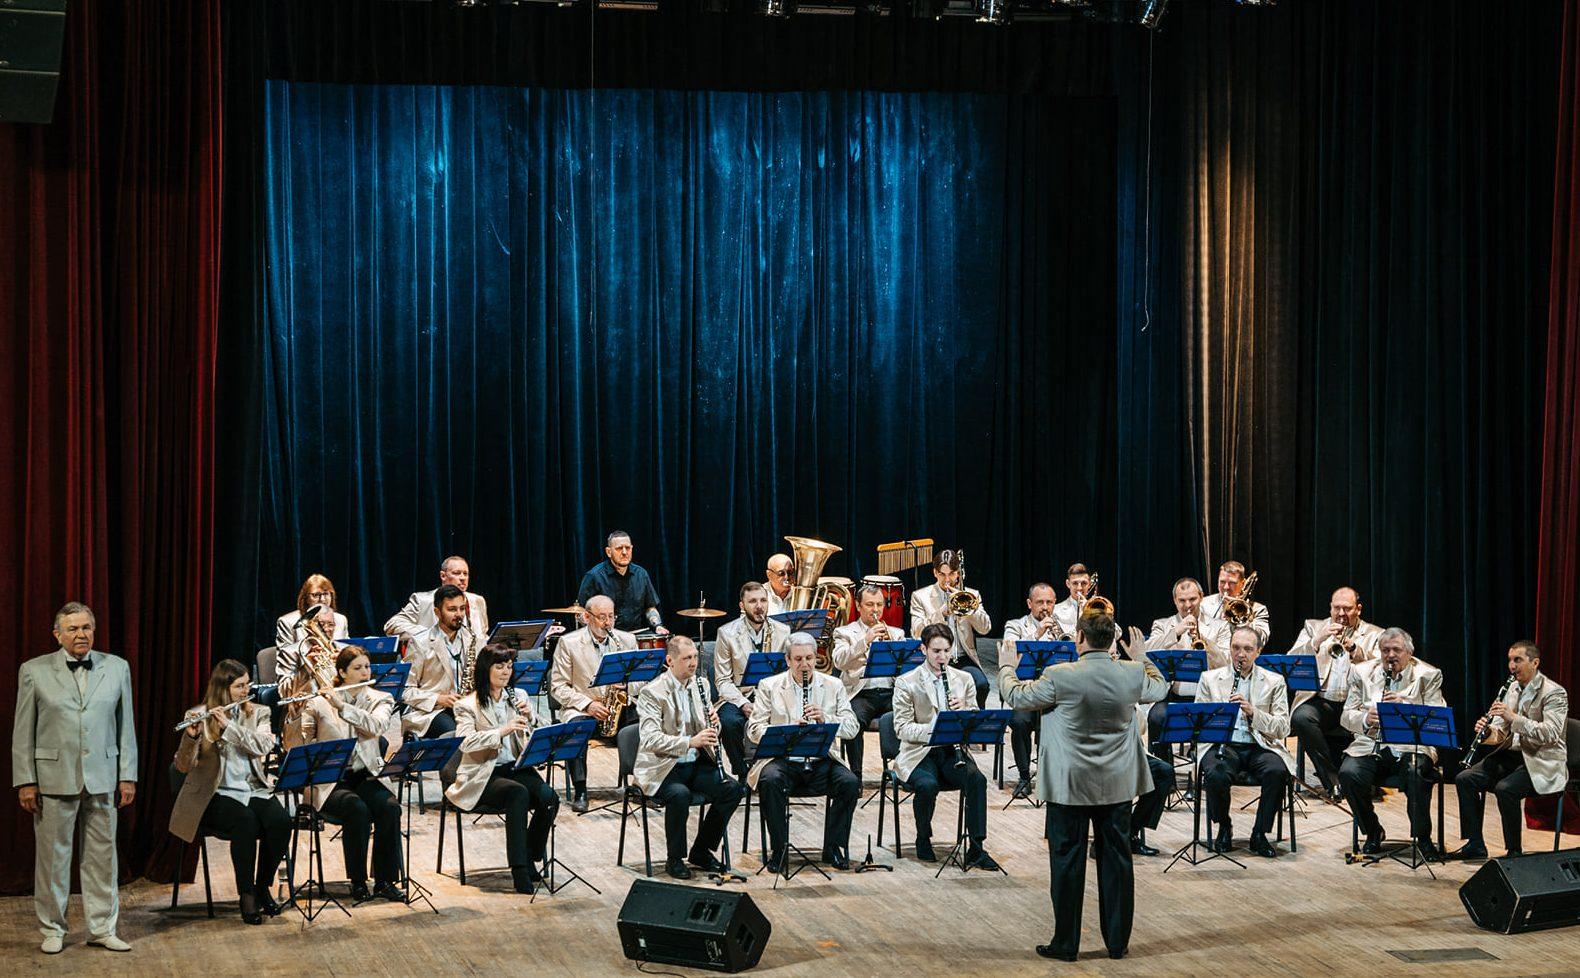 Муніципальний оркестр «Полтава» переміг у міжнародному фестивалі-конкурсі